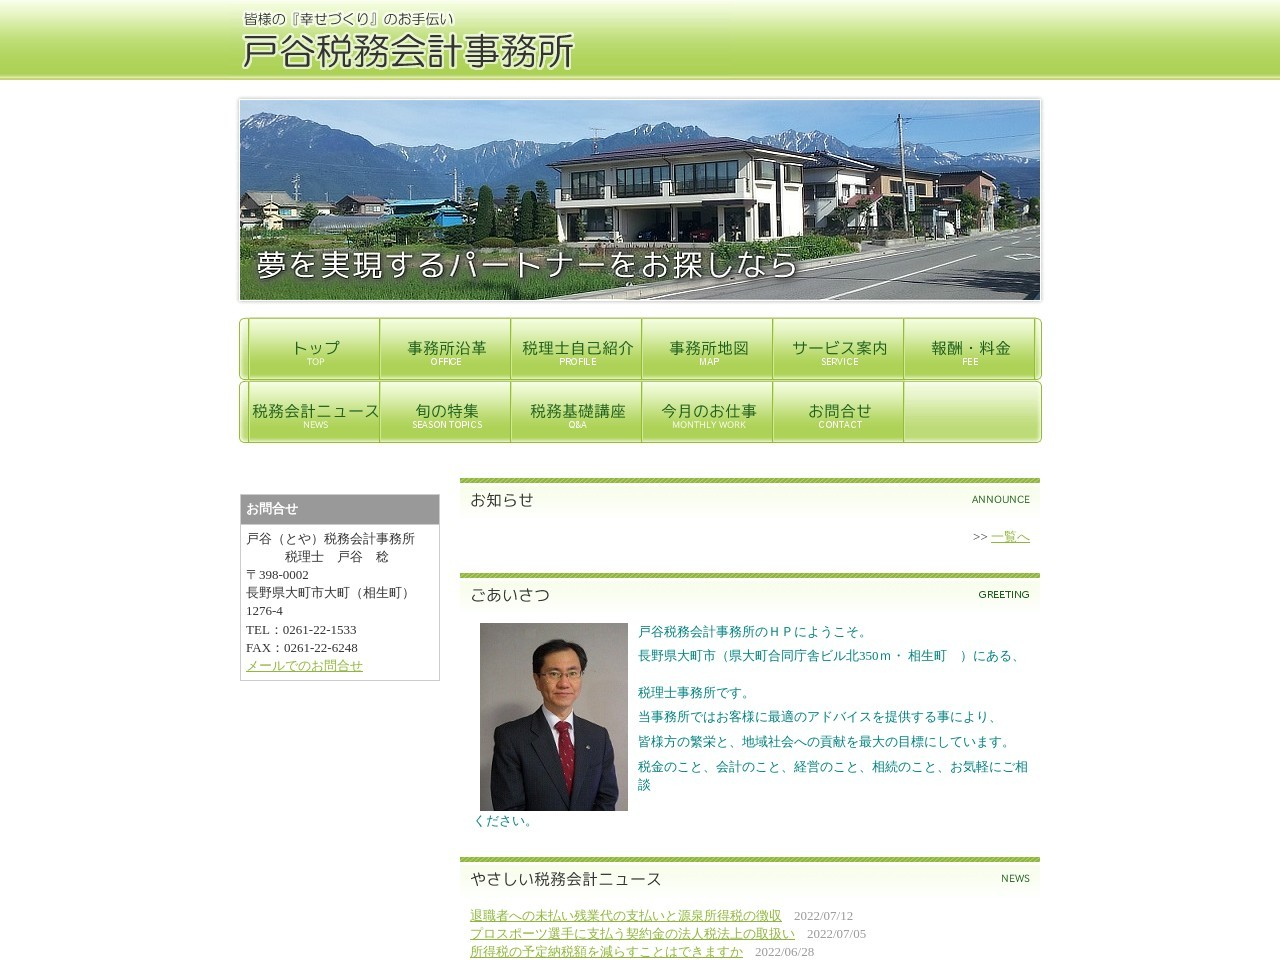 戸谷税務会計事務所